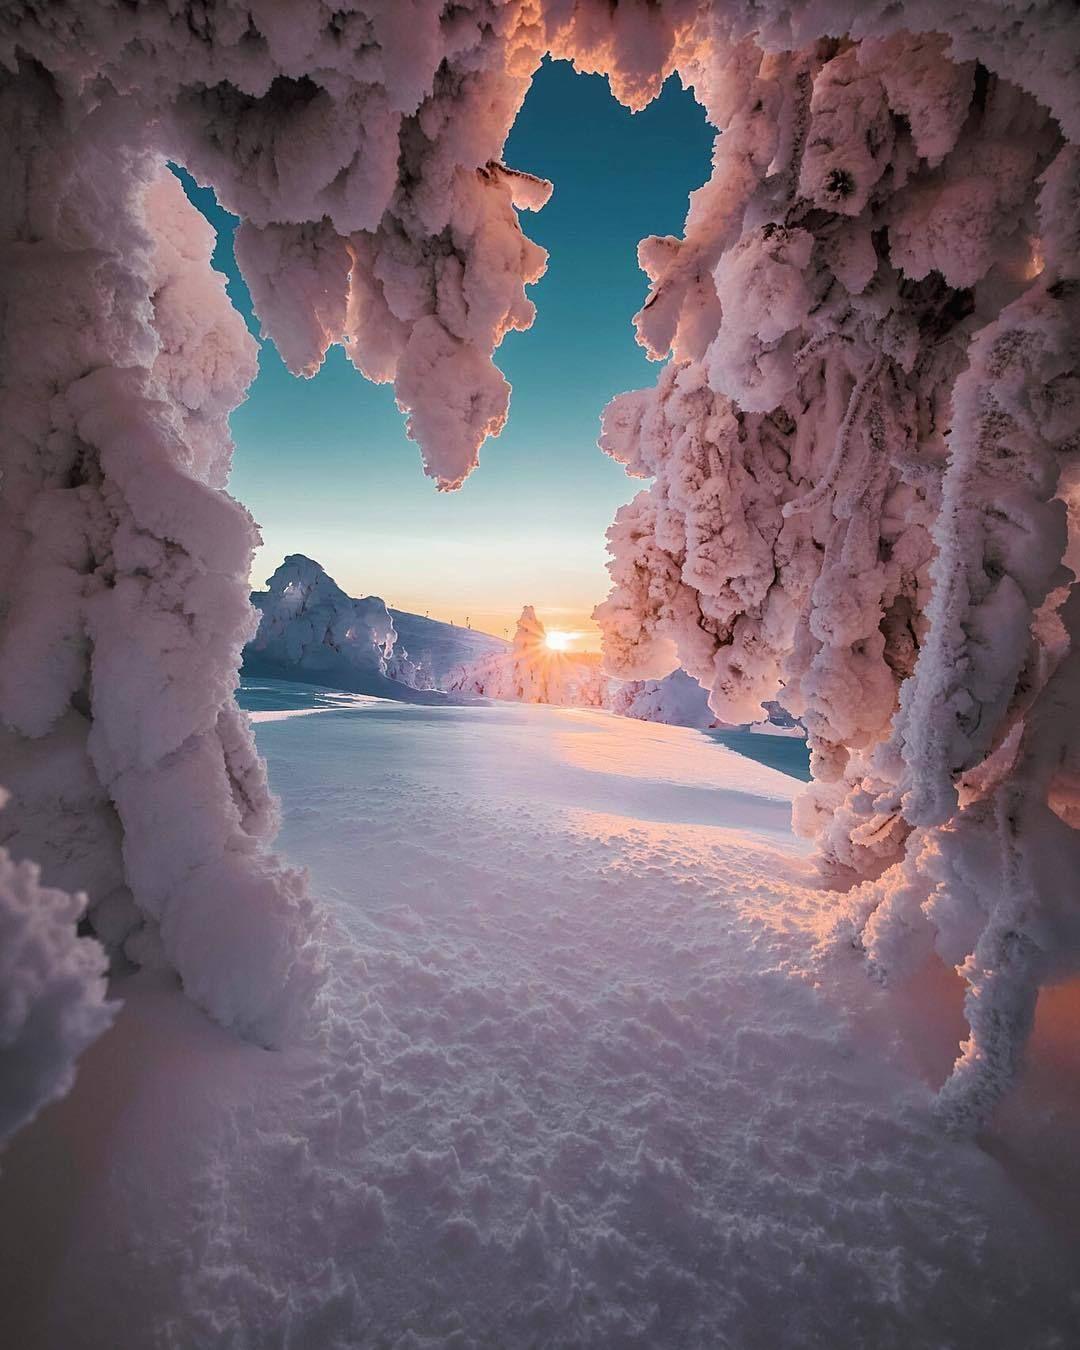 того, картинки снежная волшебная зима гвл гкл